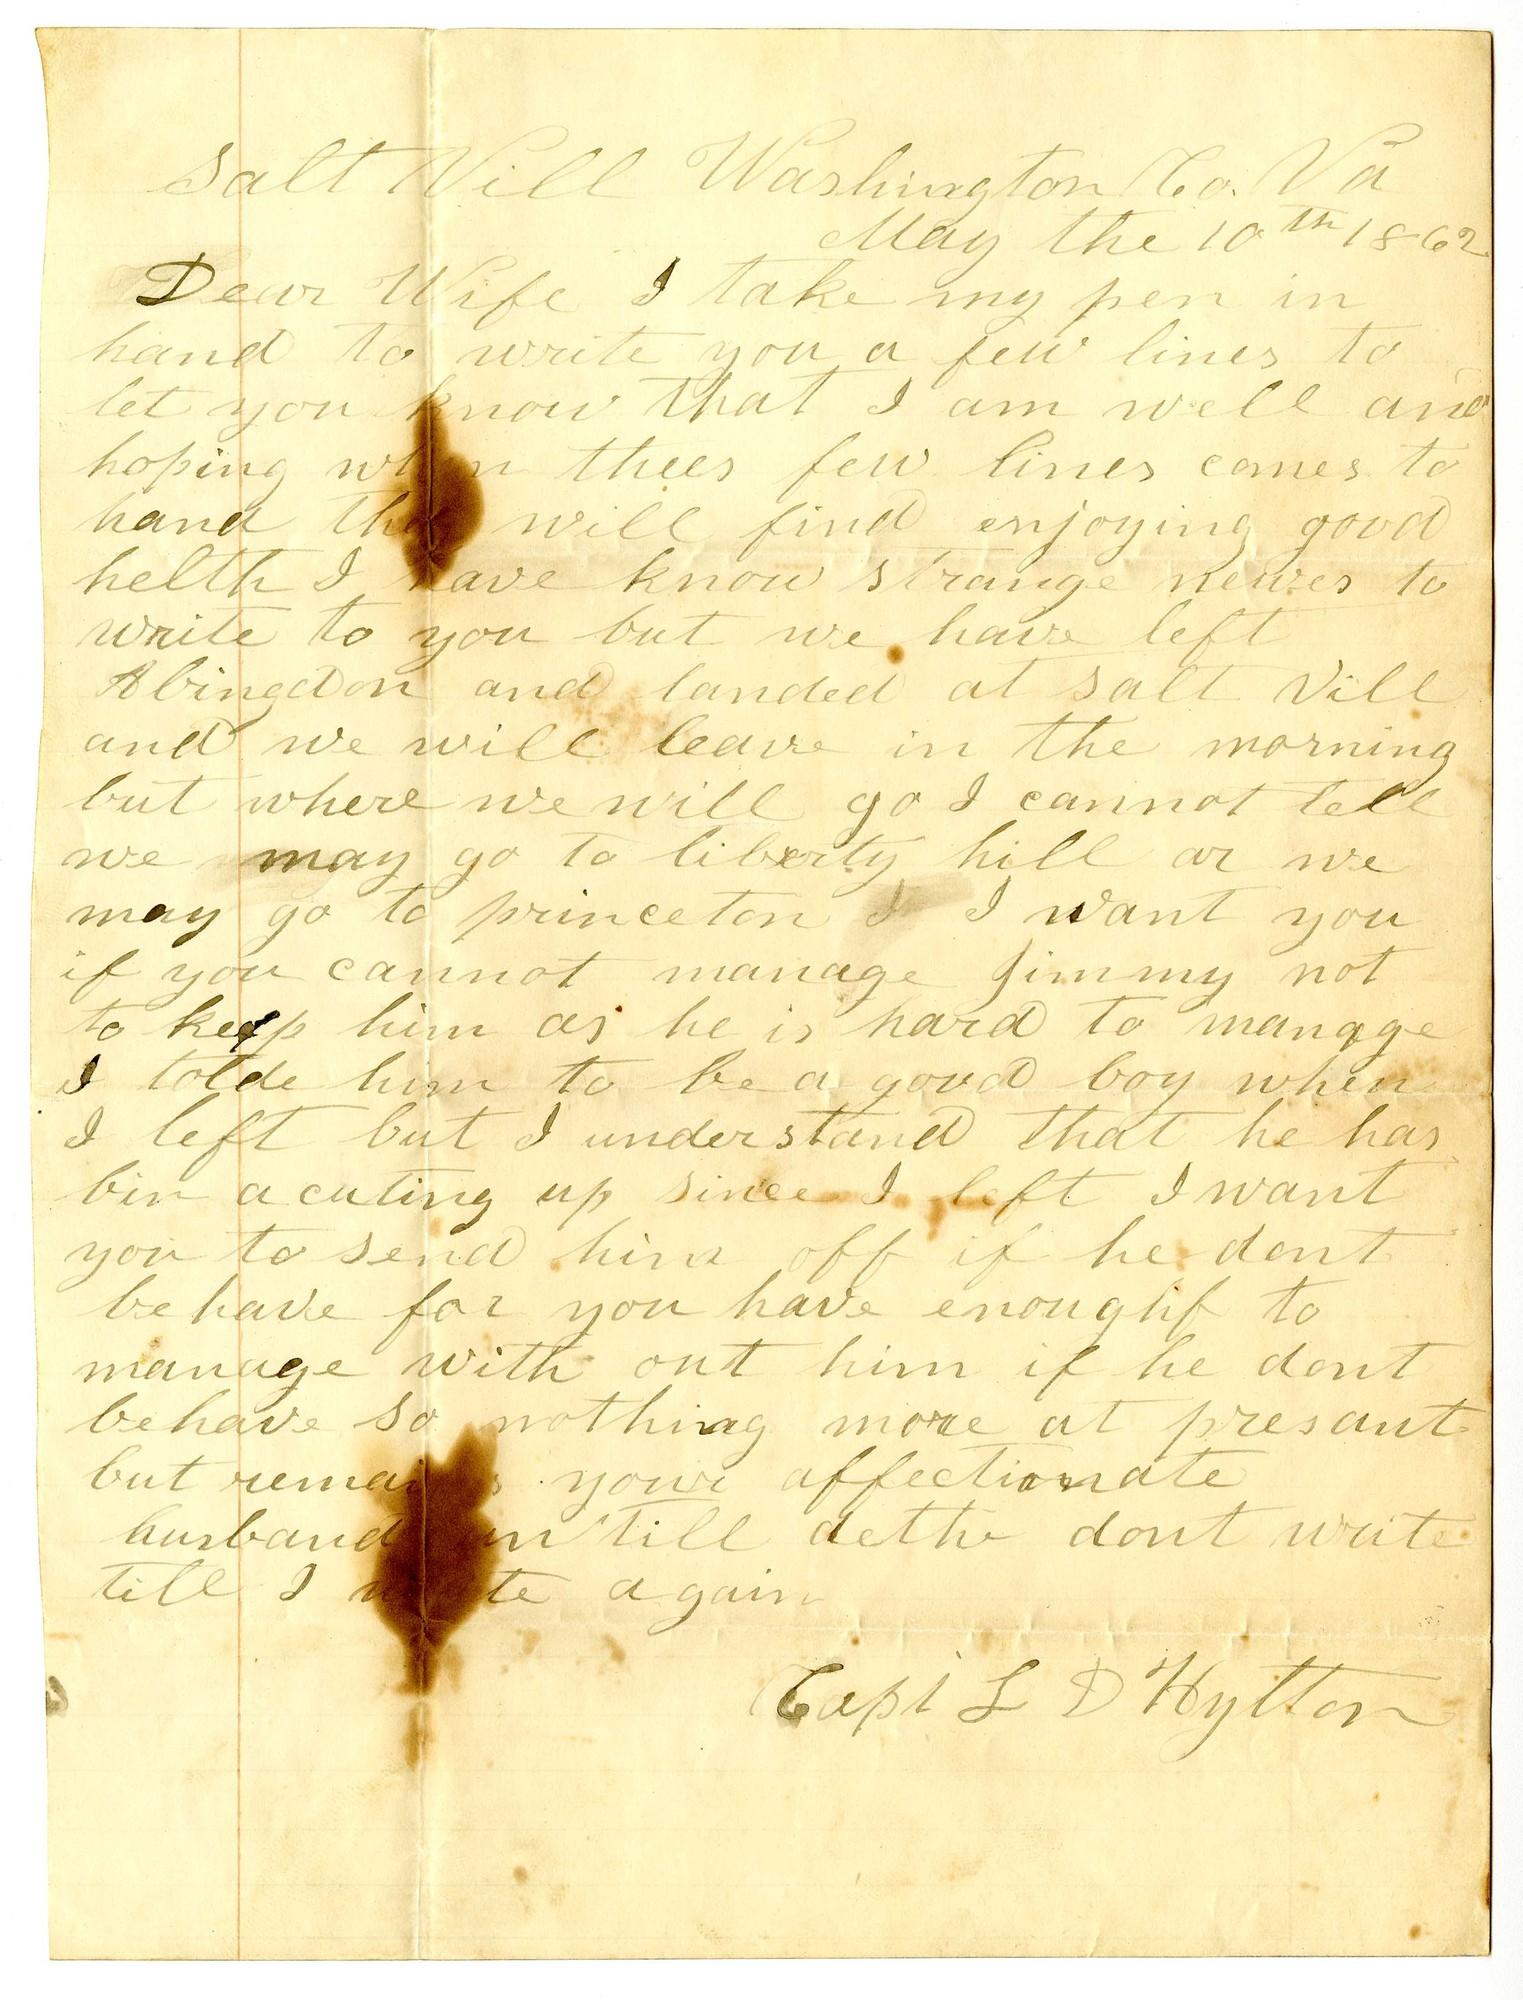 Ms1998_001_HuffHylton_Letter_1862_0510.jpg